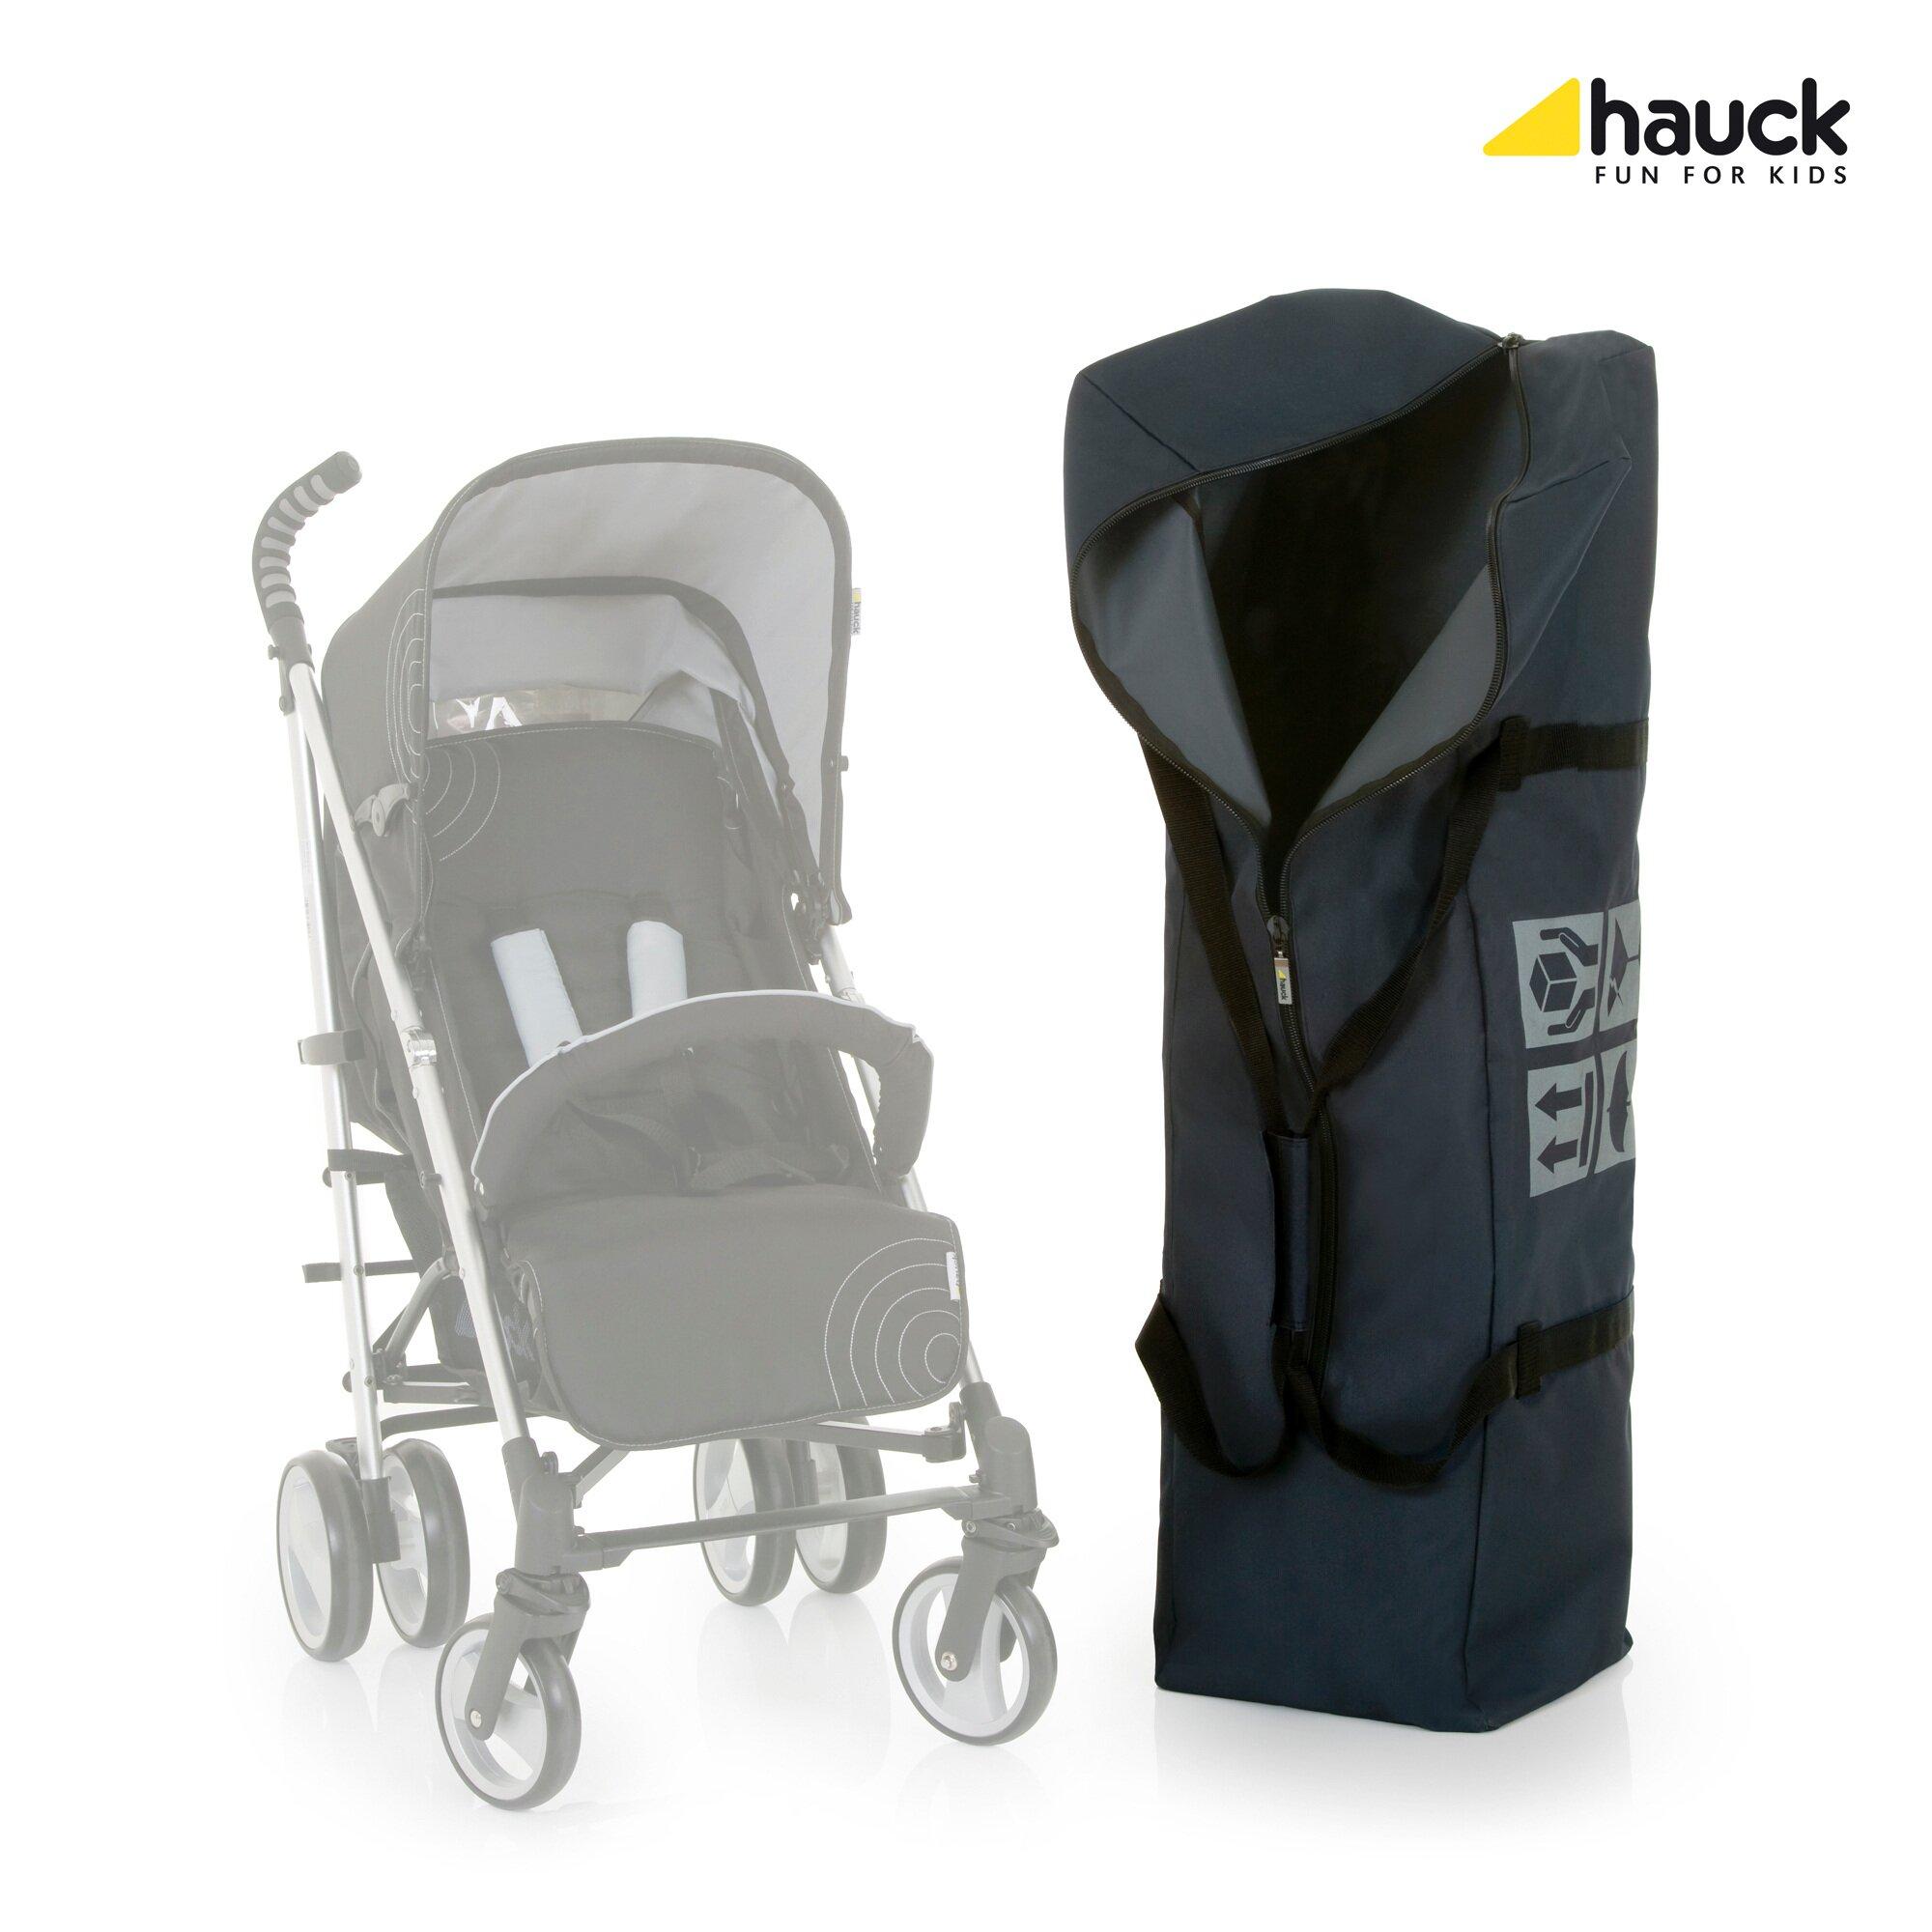 hauck-transporttasche-bag-me-schwarz